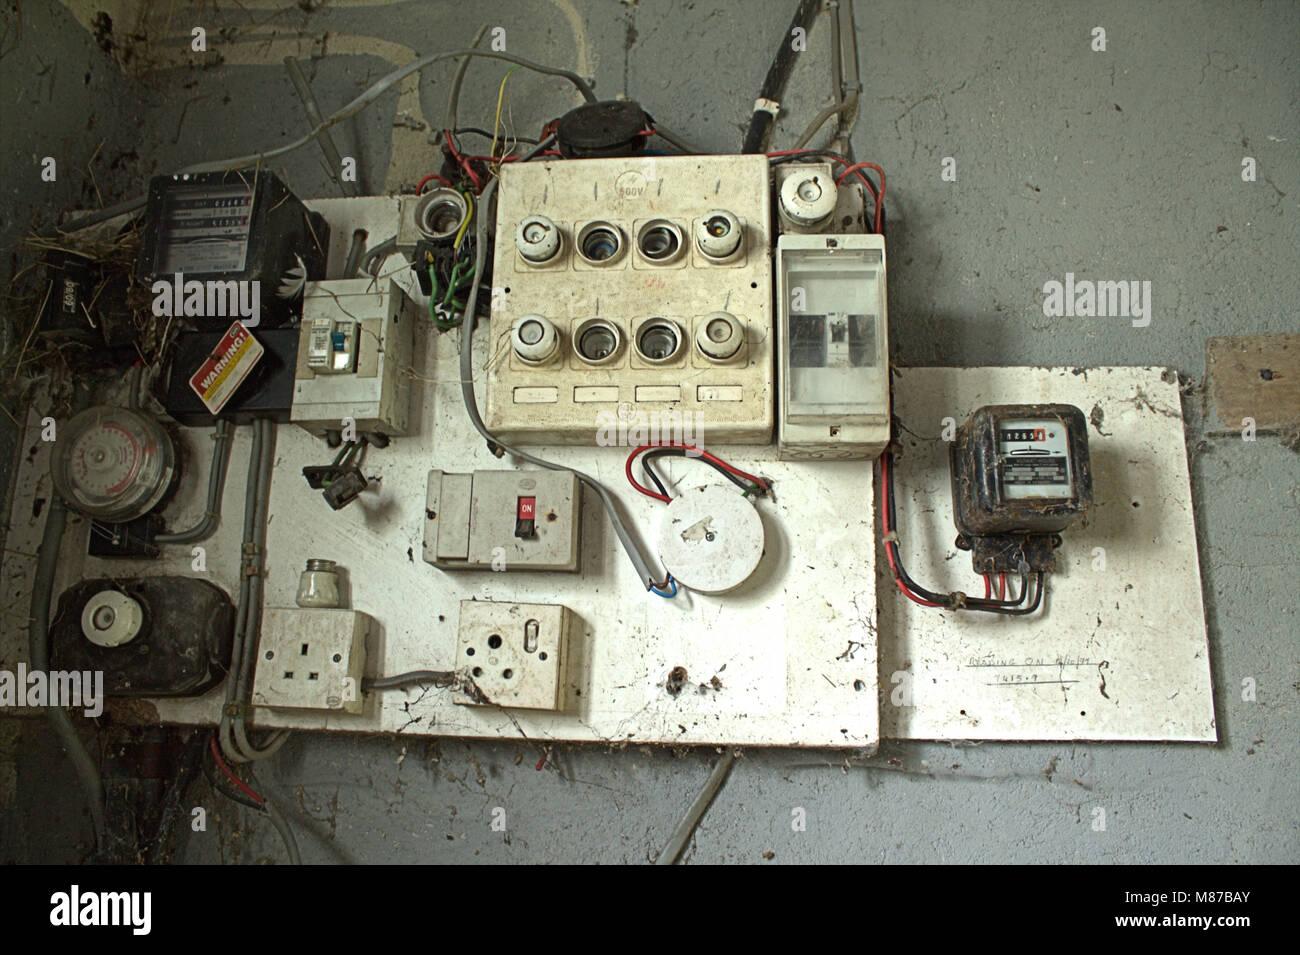 Ziemlich Sicherung Verdrahtung Zeitgenössisch - Elektrische ...